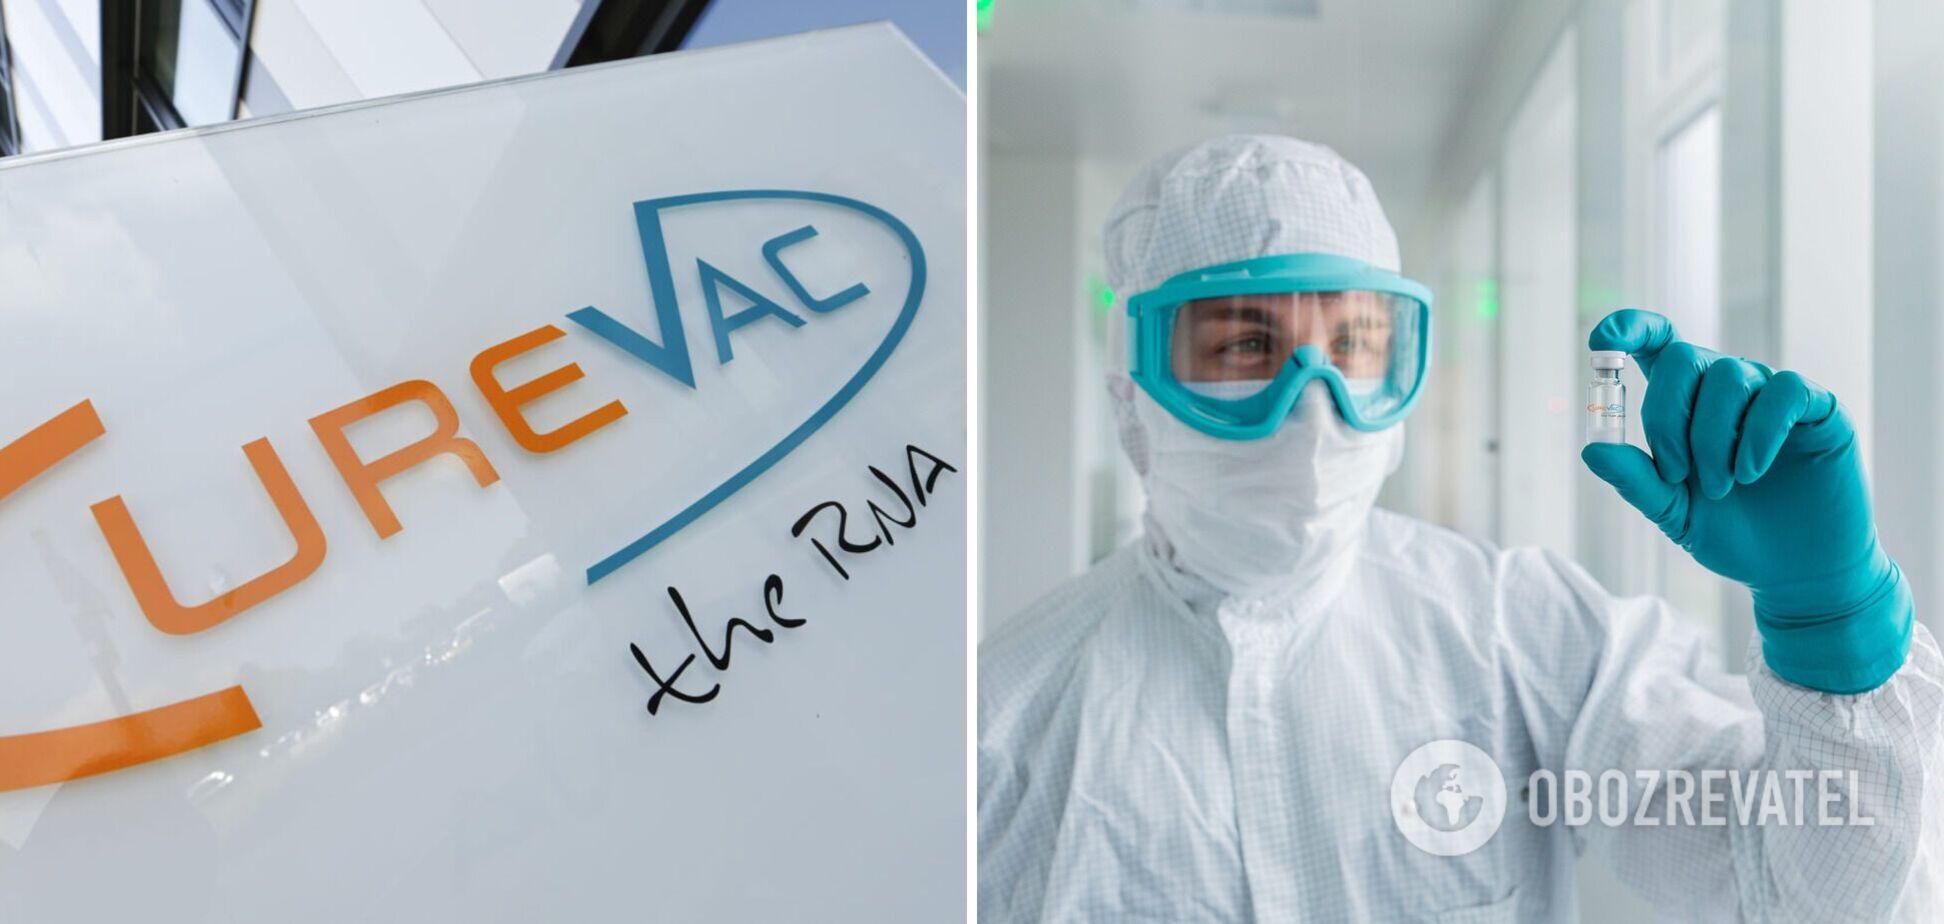 Немецкая вакцина CureVac показала 48% эффективности против коронавируса